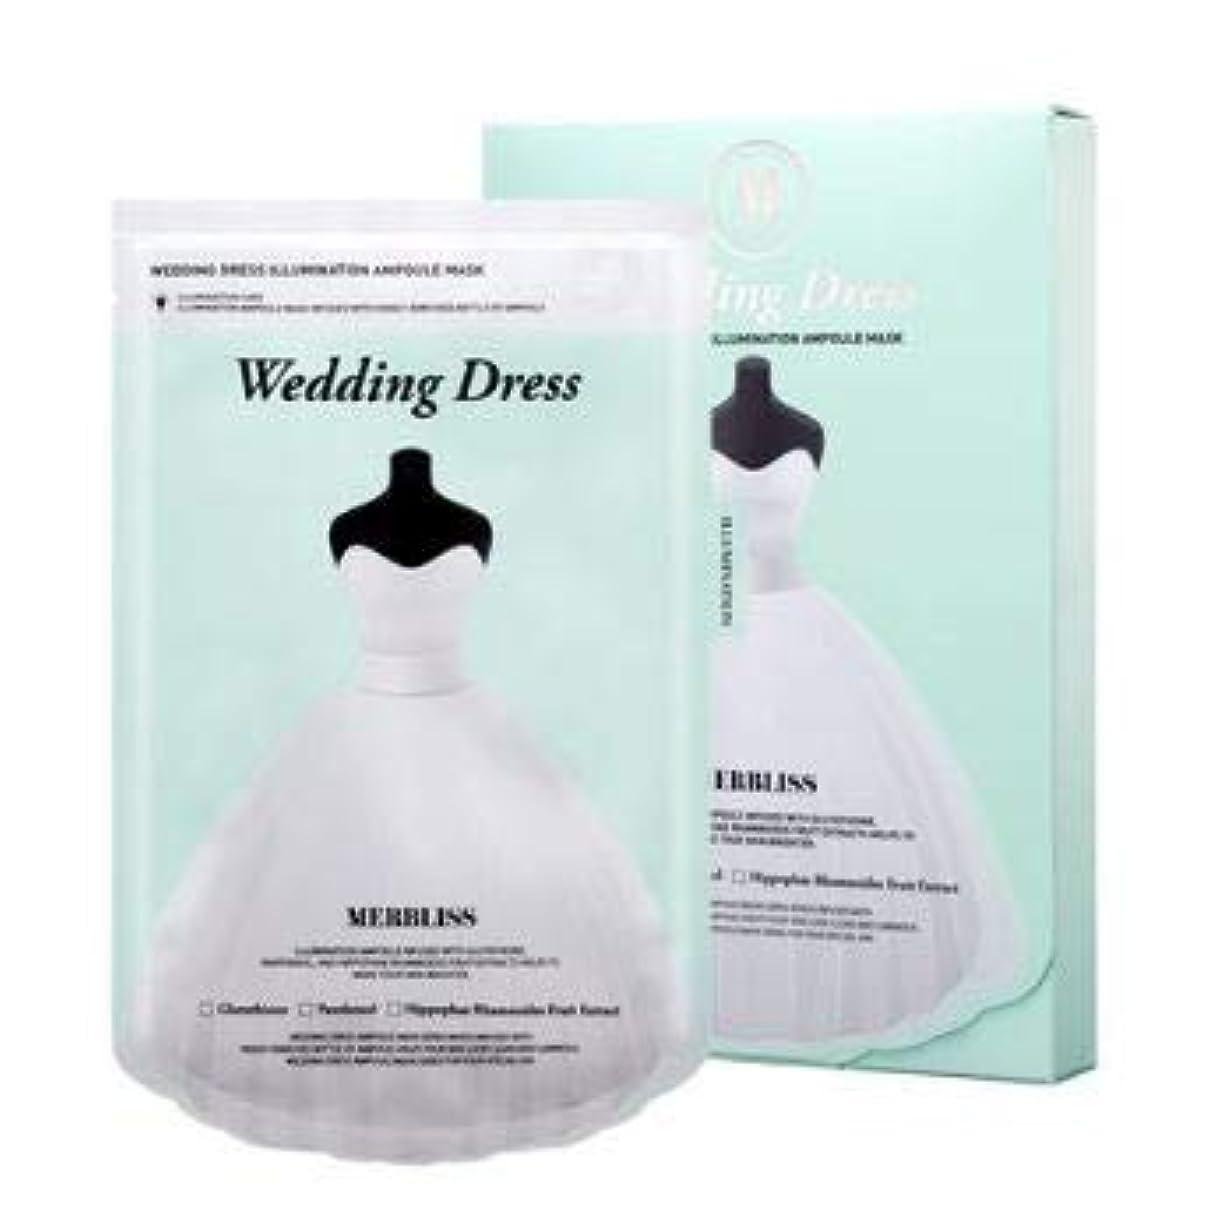 無知ミット示す[Merbliss] Wedding Dress Illumination Ampoule Mask 25gx5ea /ウェディングドレスイルミネーションアンプルマスク25gx5枚 [並行輸入品]